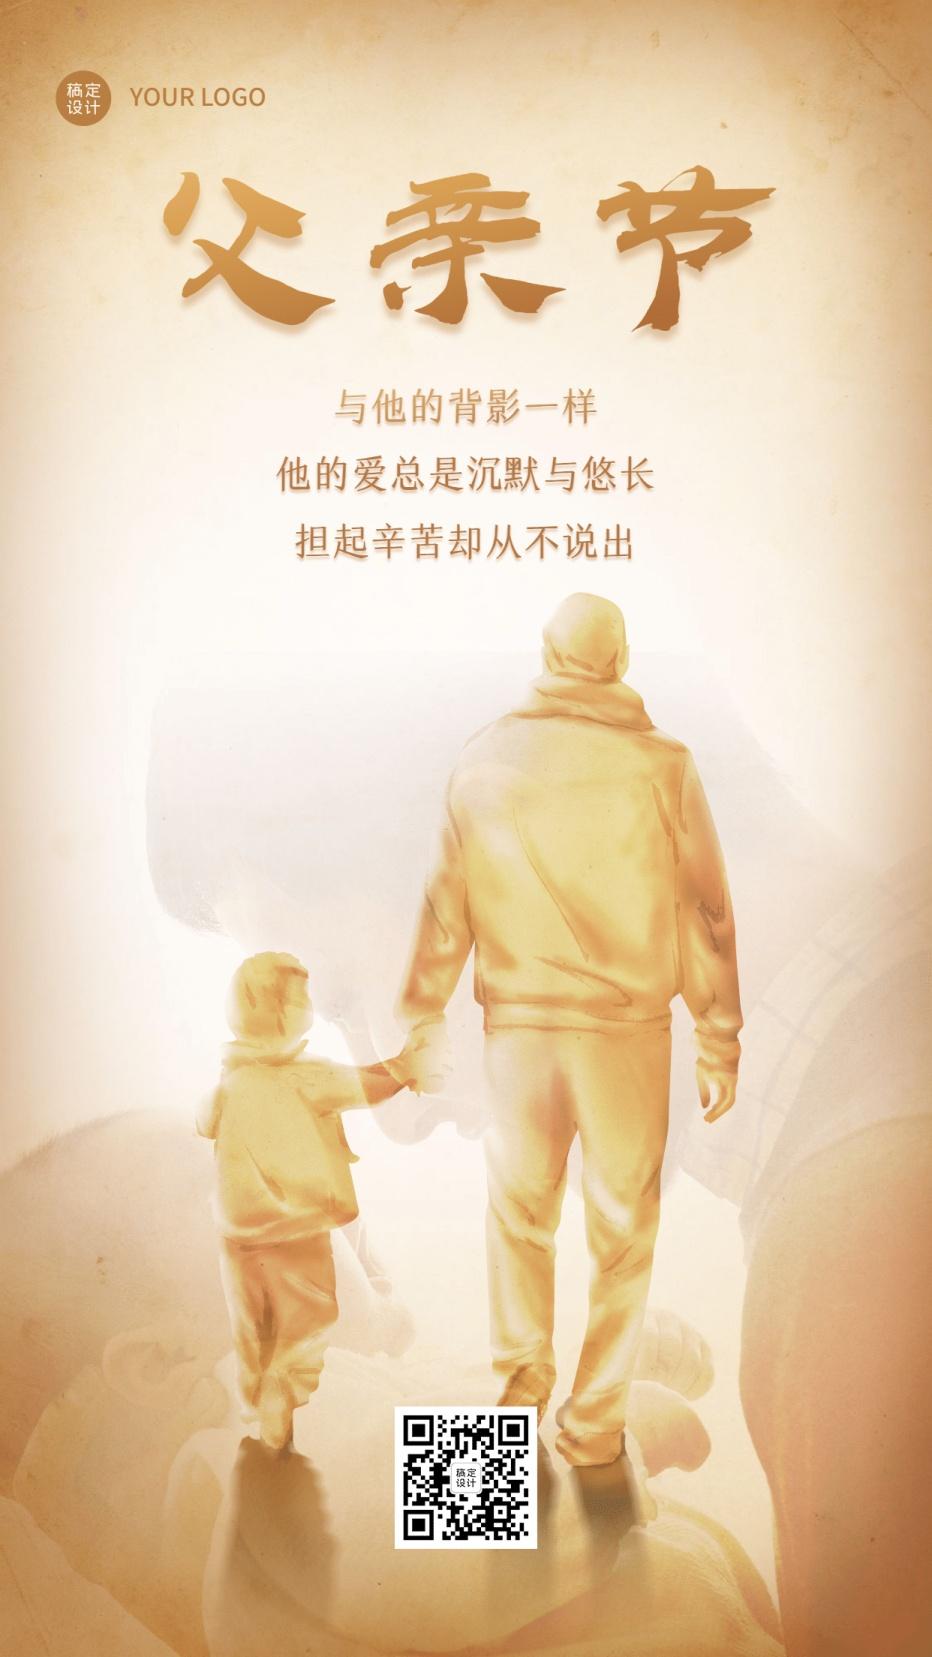 父亲节祝福牵手背影剪影手机海报